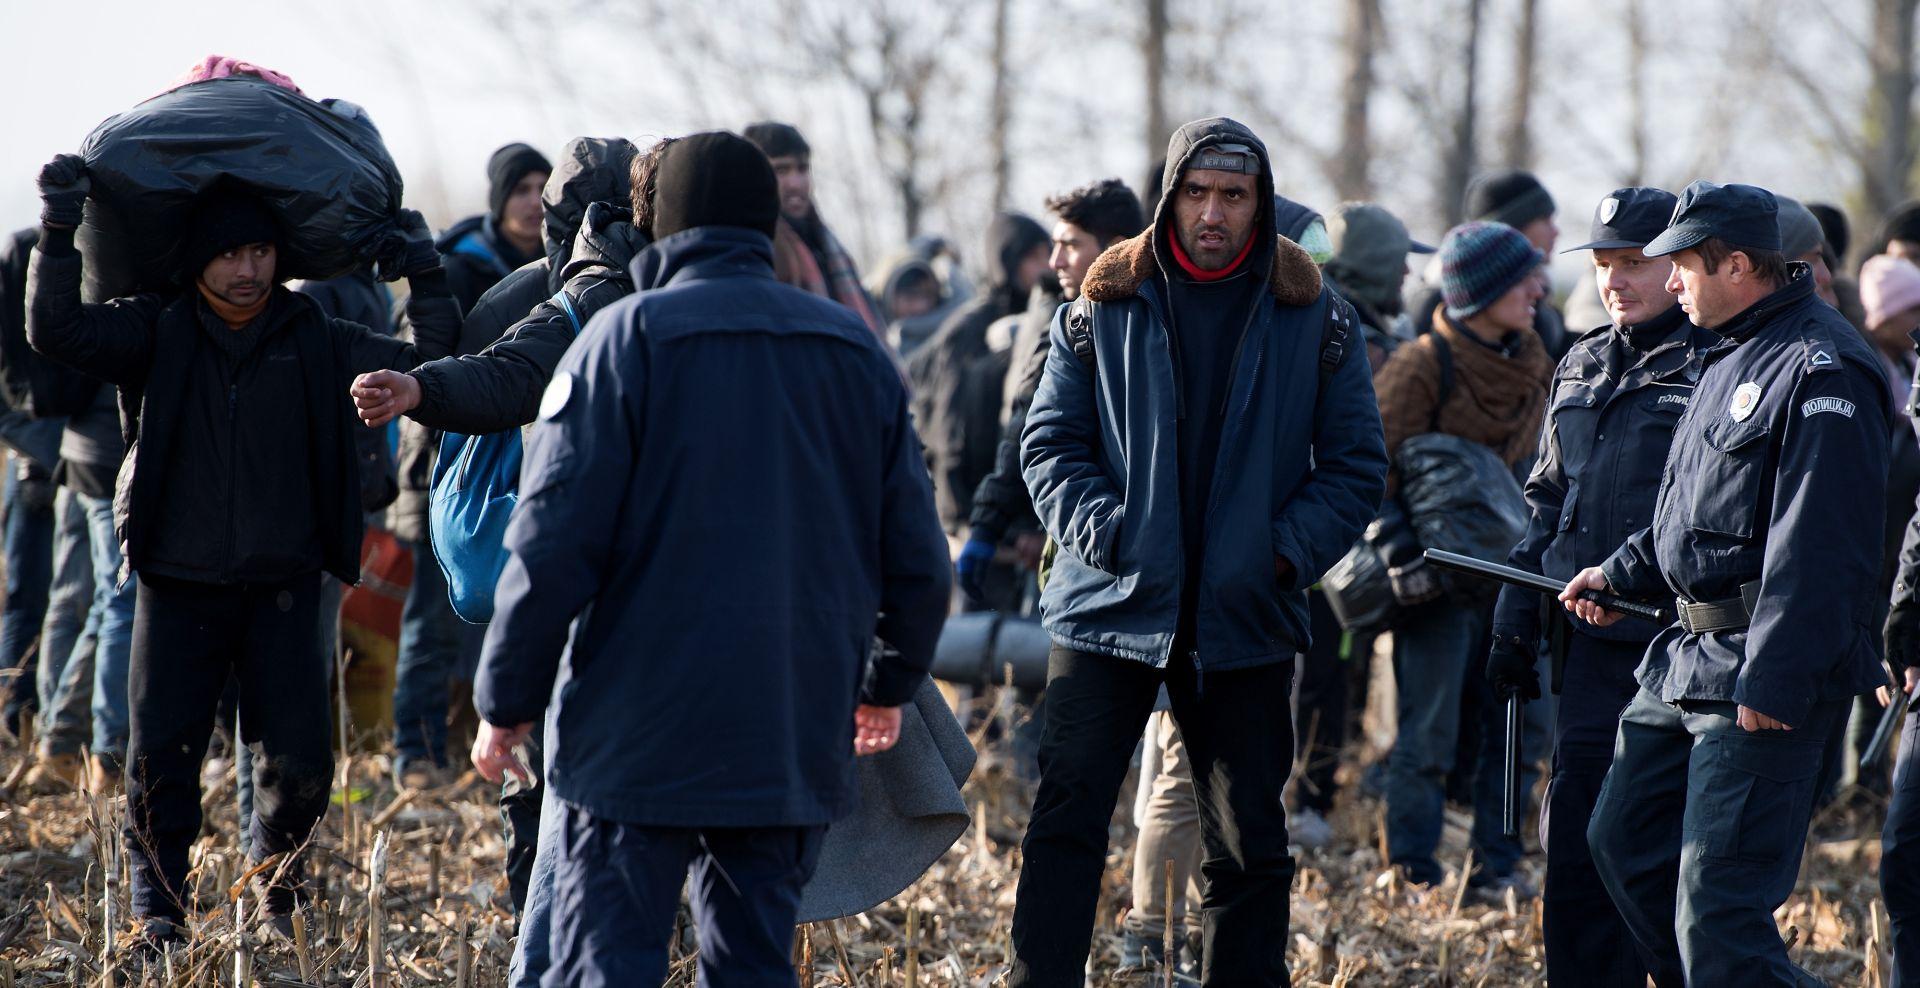 PROSVJED KOD TOVARNIKA Stotine migranata žele ući u Hrvatsku